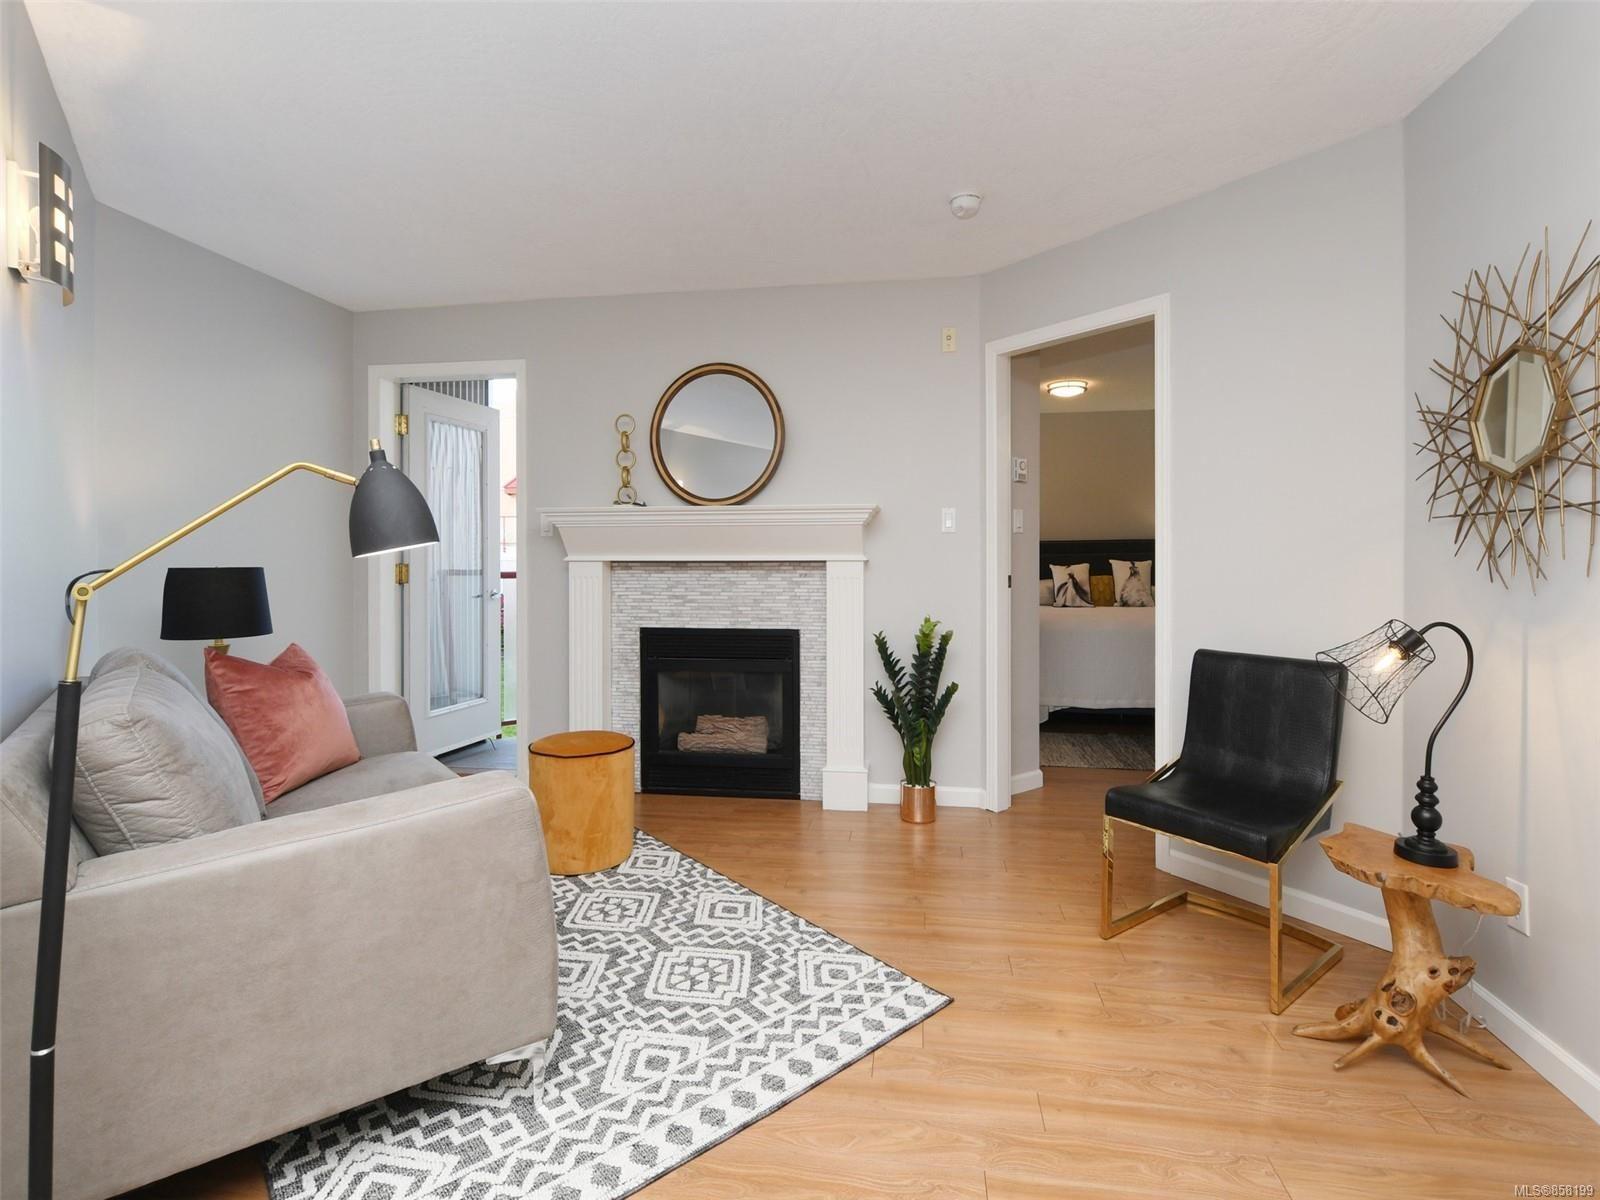 Main Photo: 205 930 North Park St in : Vi Central Park Condo for sale (Victoria)  : MLS®# 858199